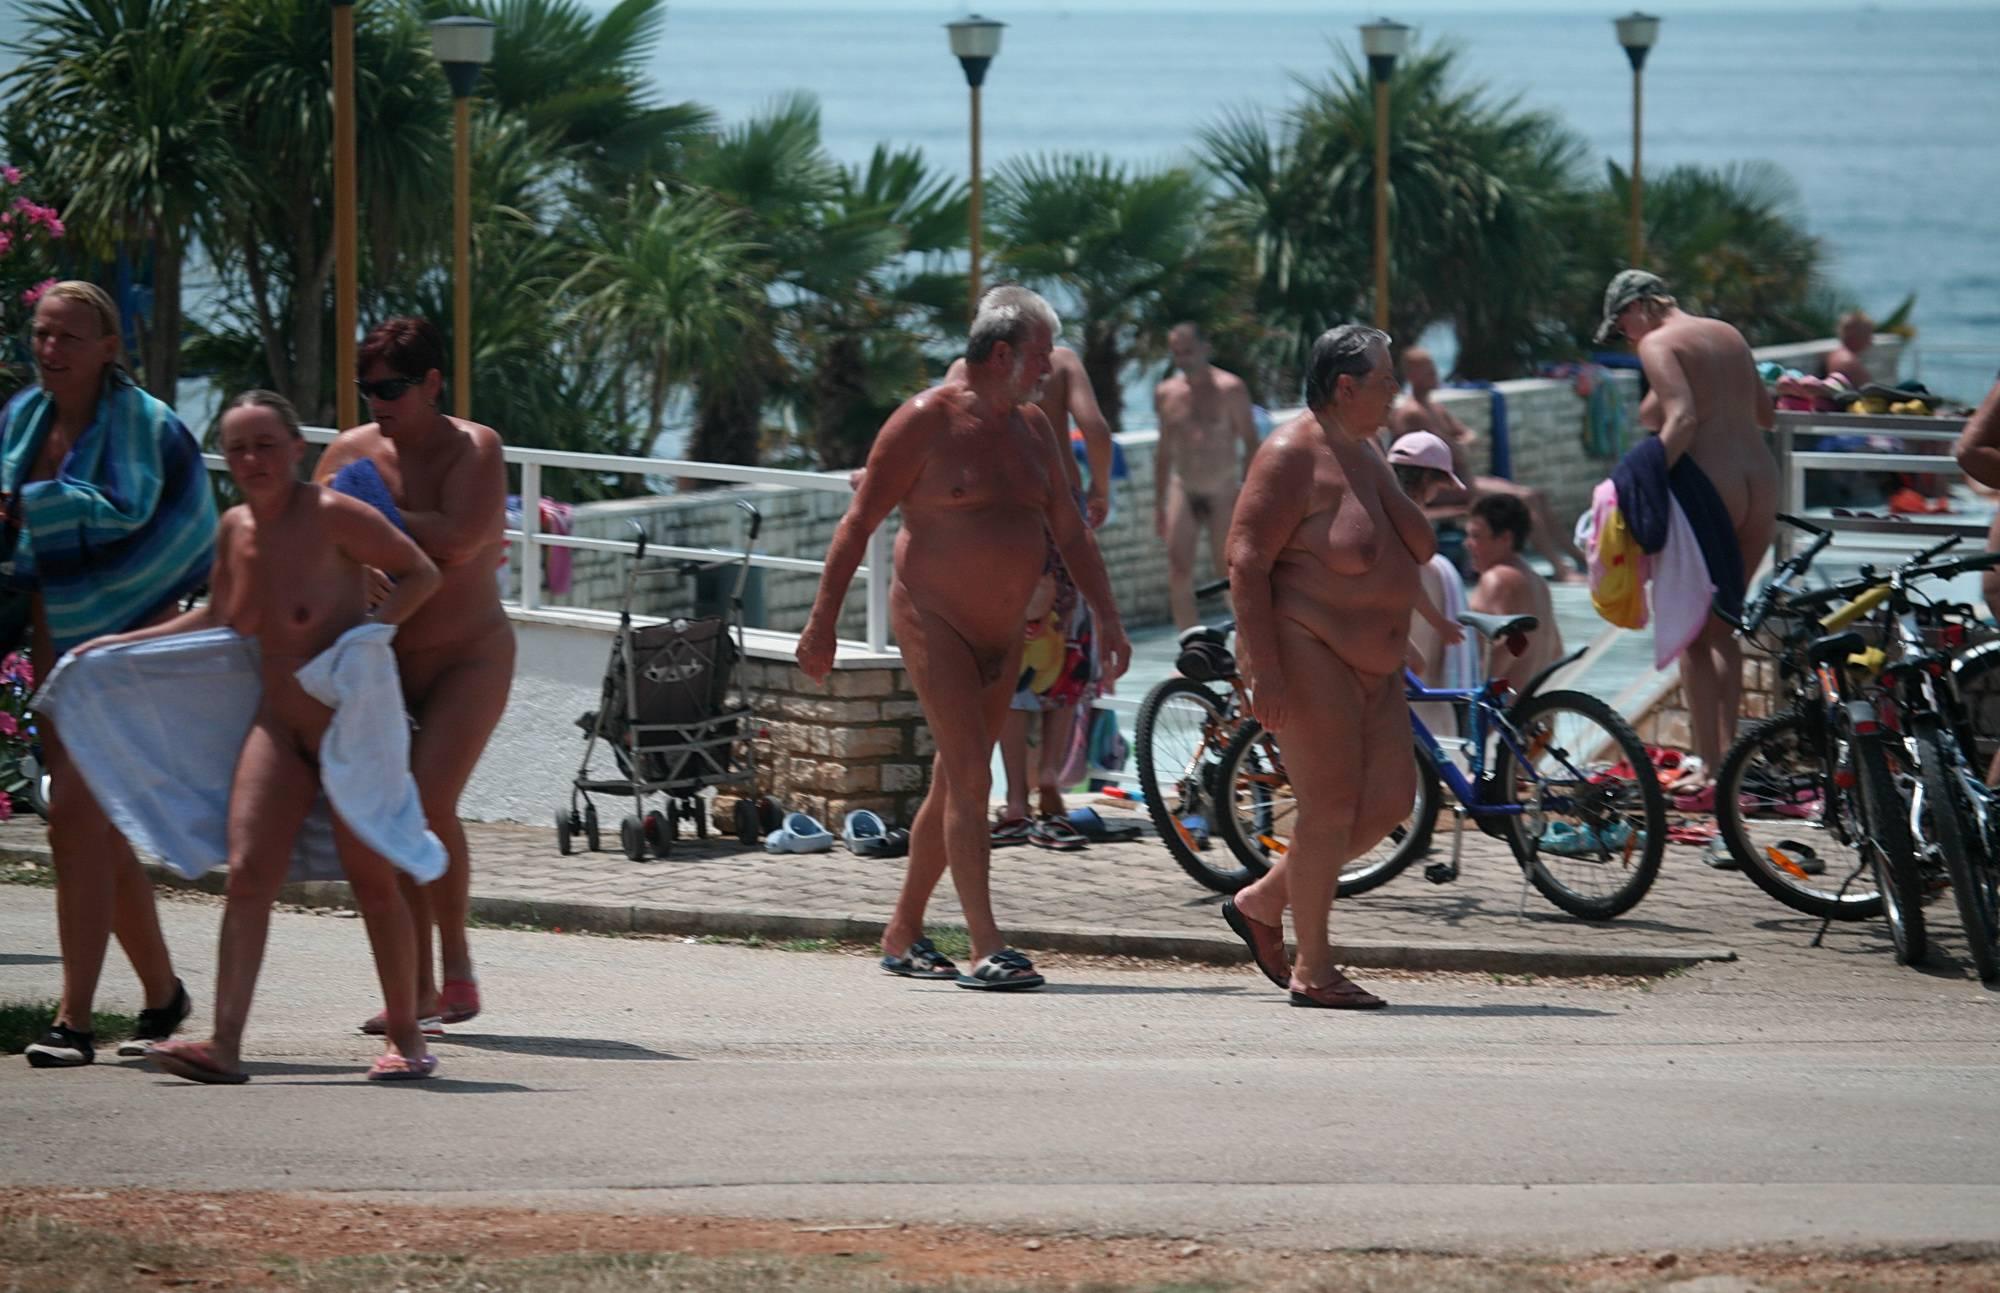 Pure Nudism Photos-Walking Bikes Playground - 1